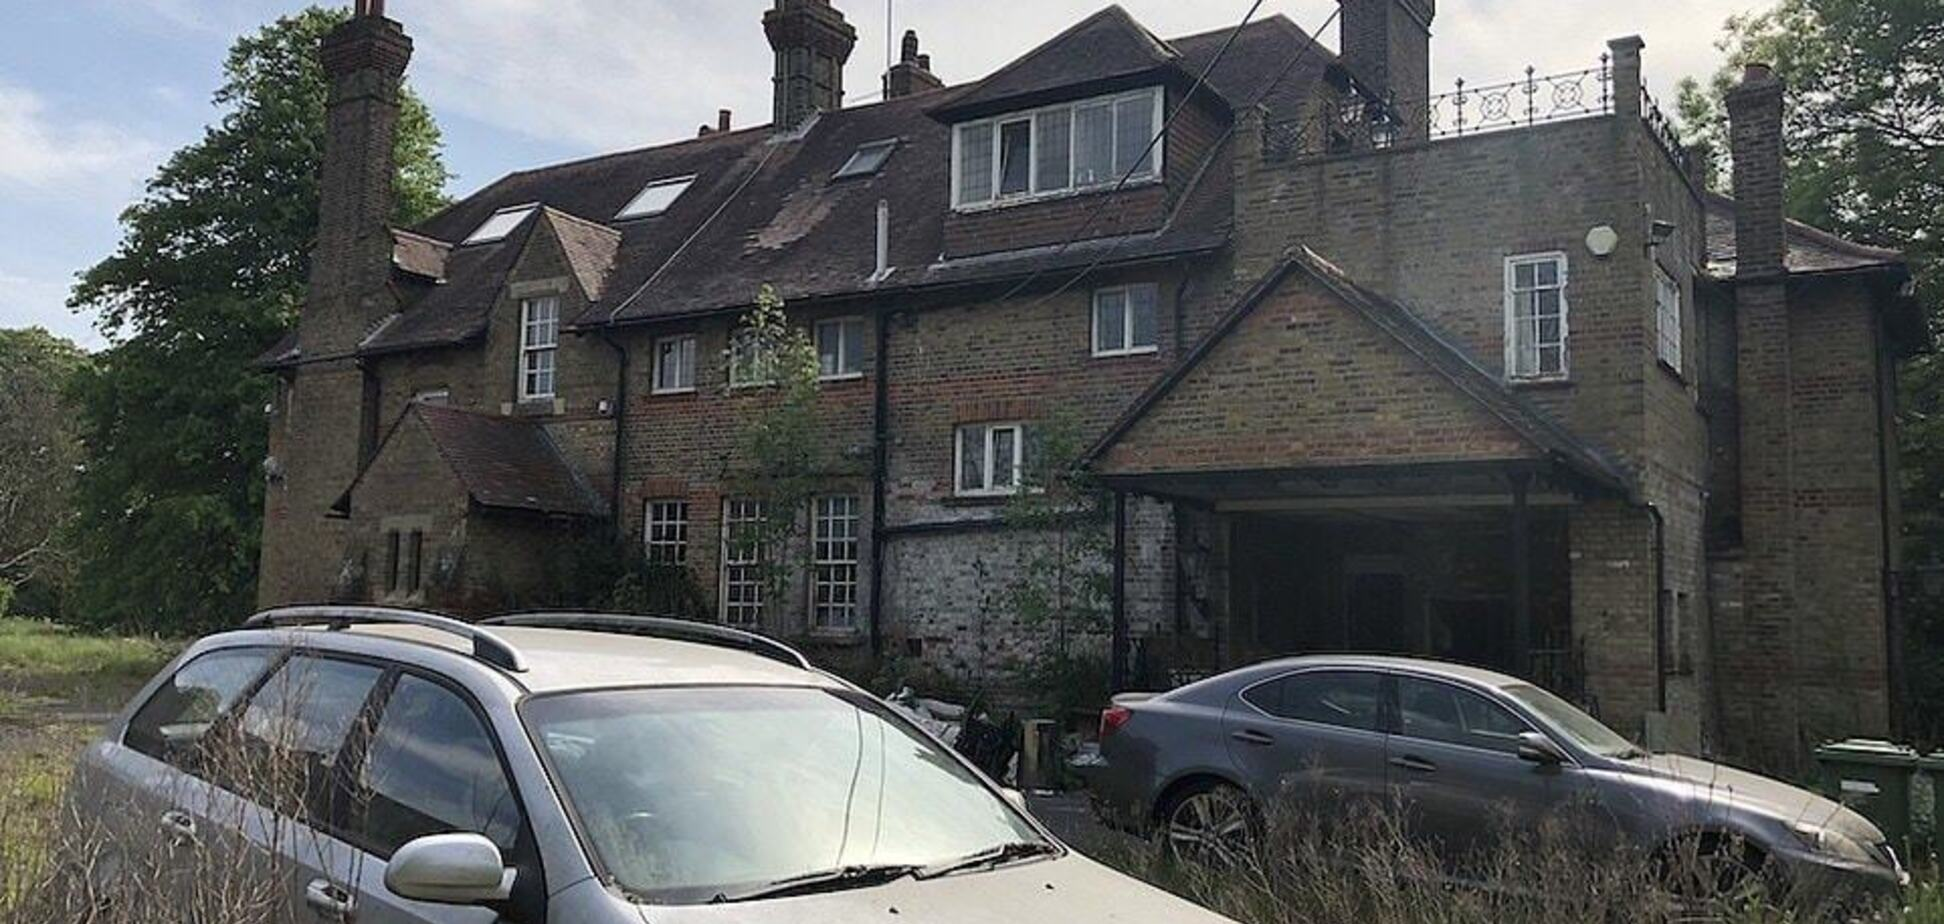 Владельцы дома сбежали и оставили свои автомобили. Фото: dailymail.co.uk